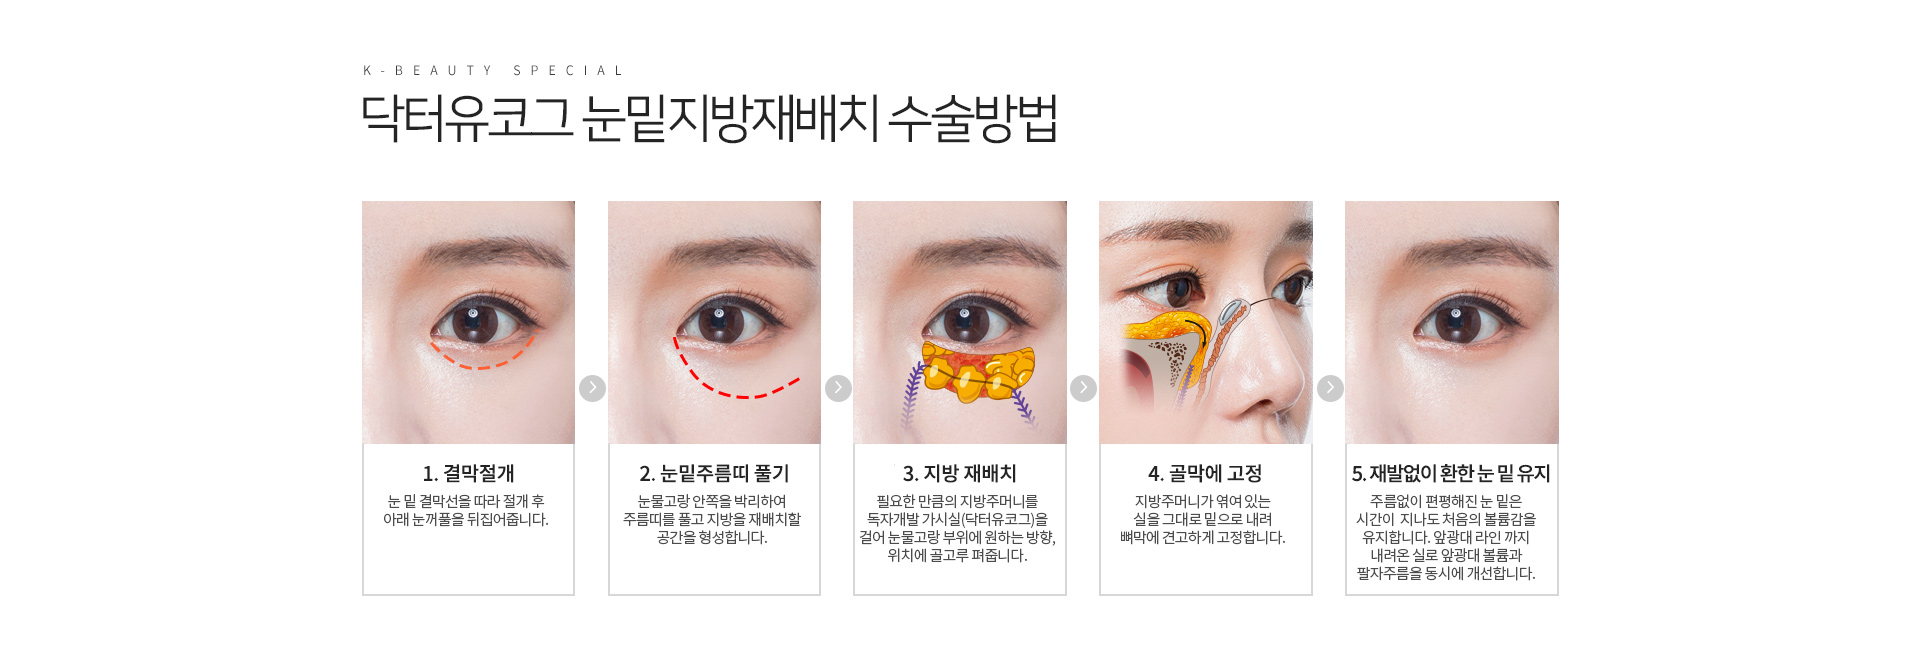 닥터유코그 눈밑지방재배치 특장점